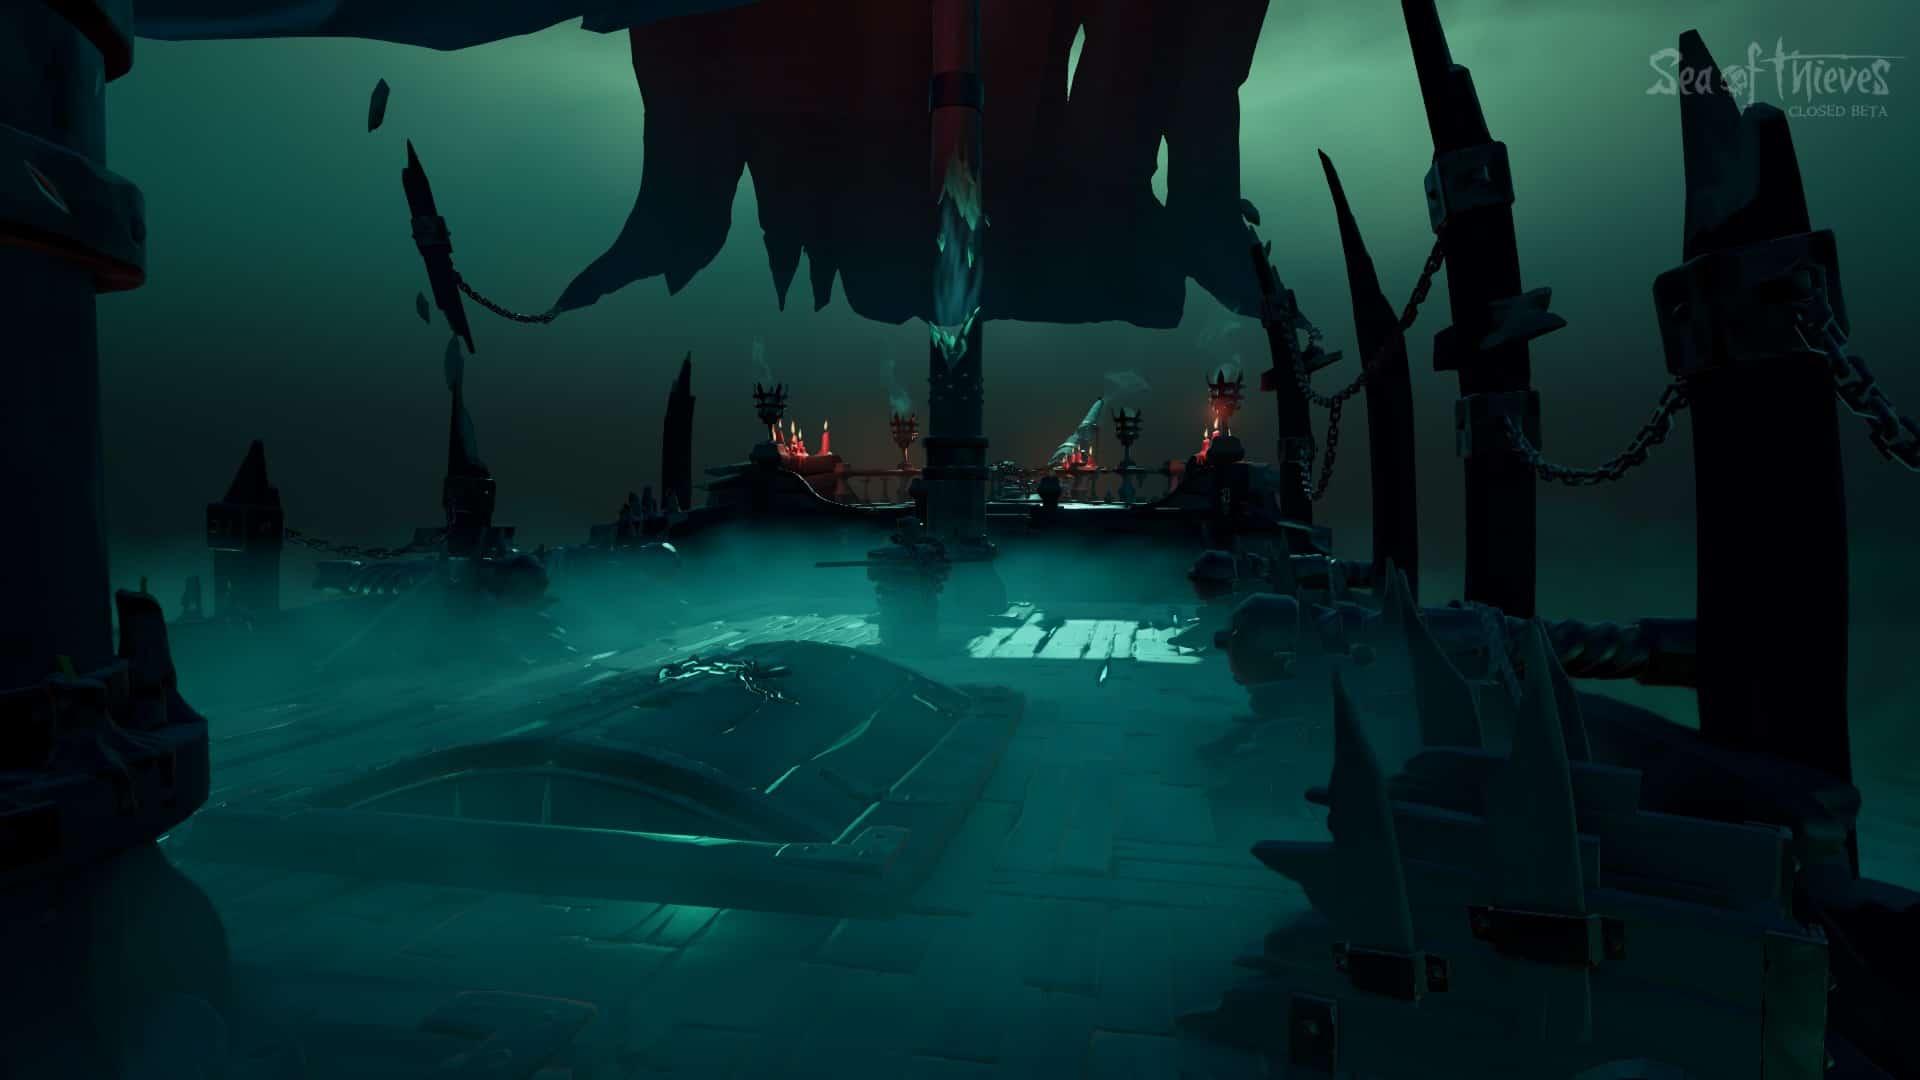 sea of thieves beta 1 - Sea of Thieves - Prime impressioni sulla Beta